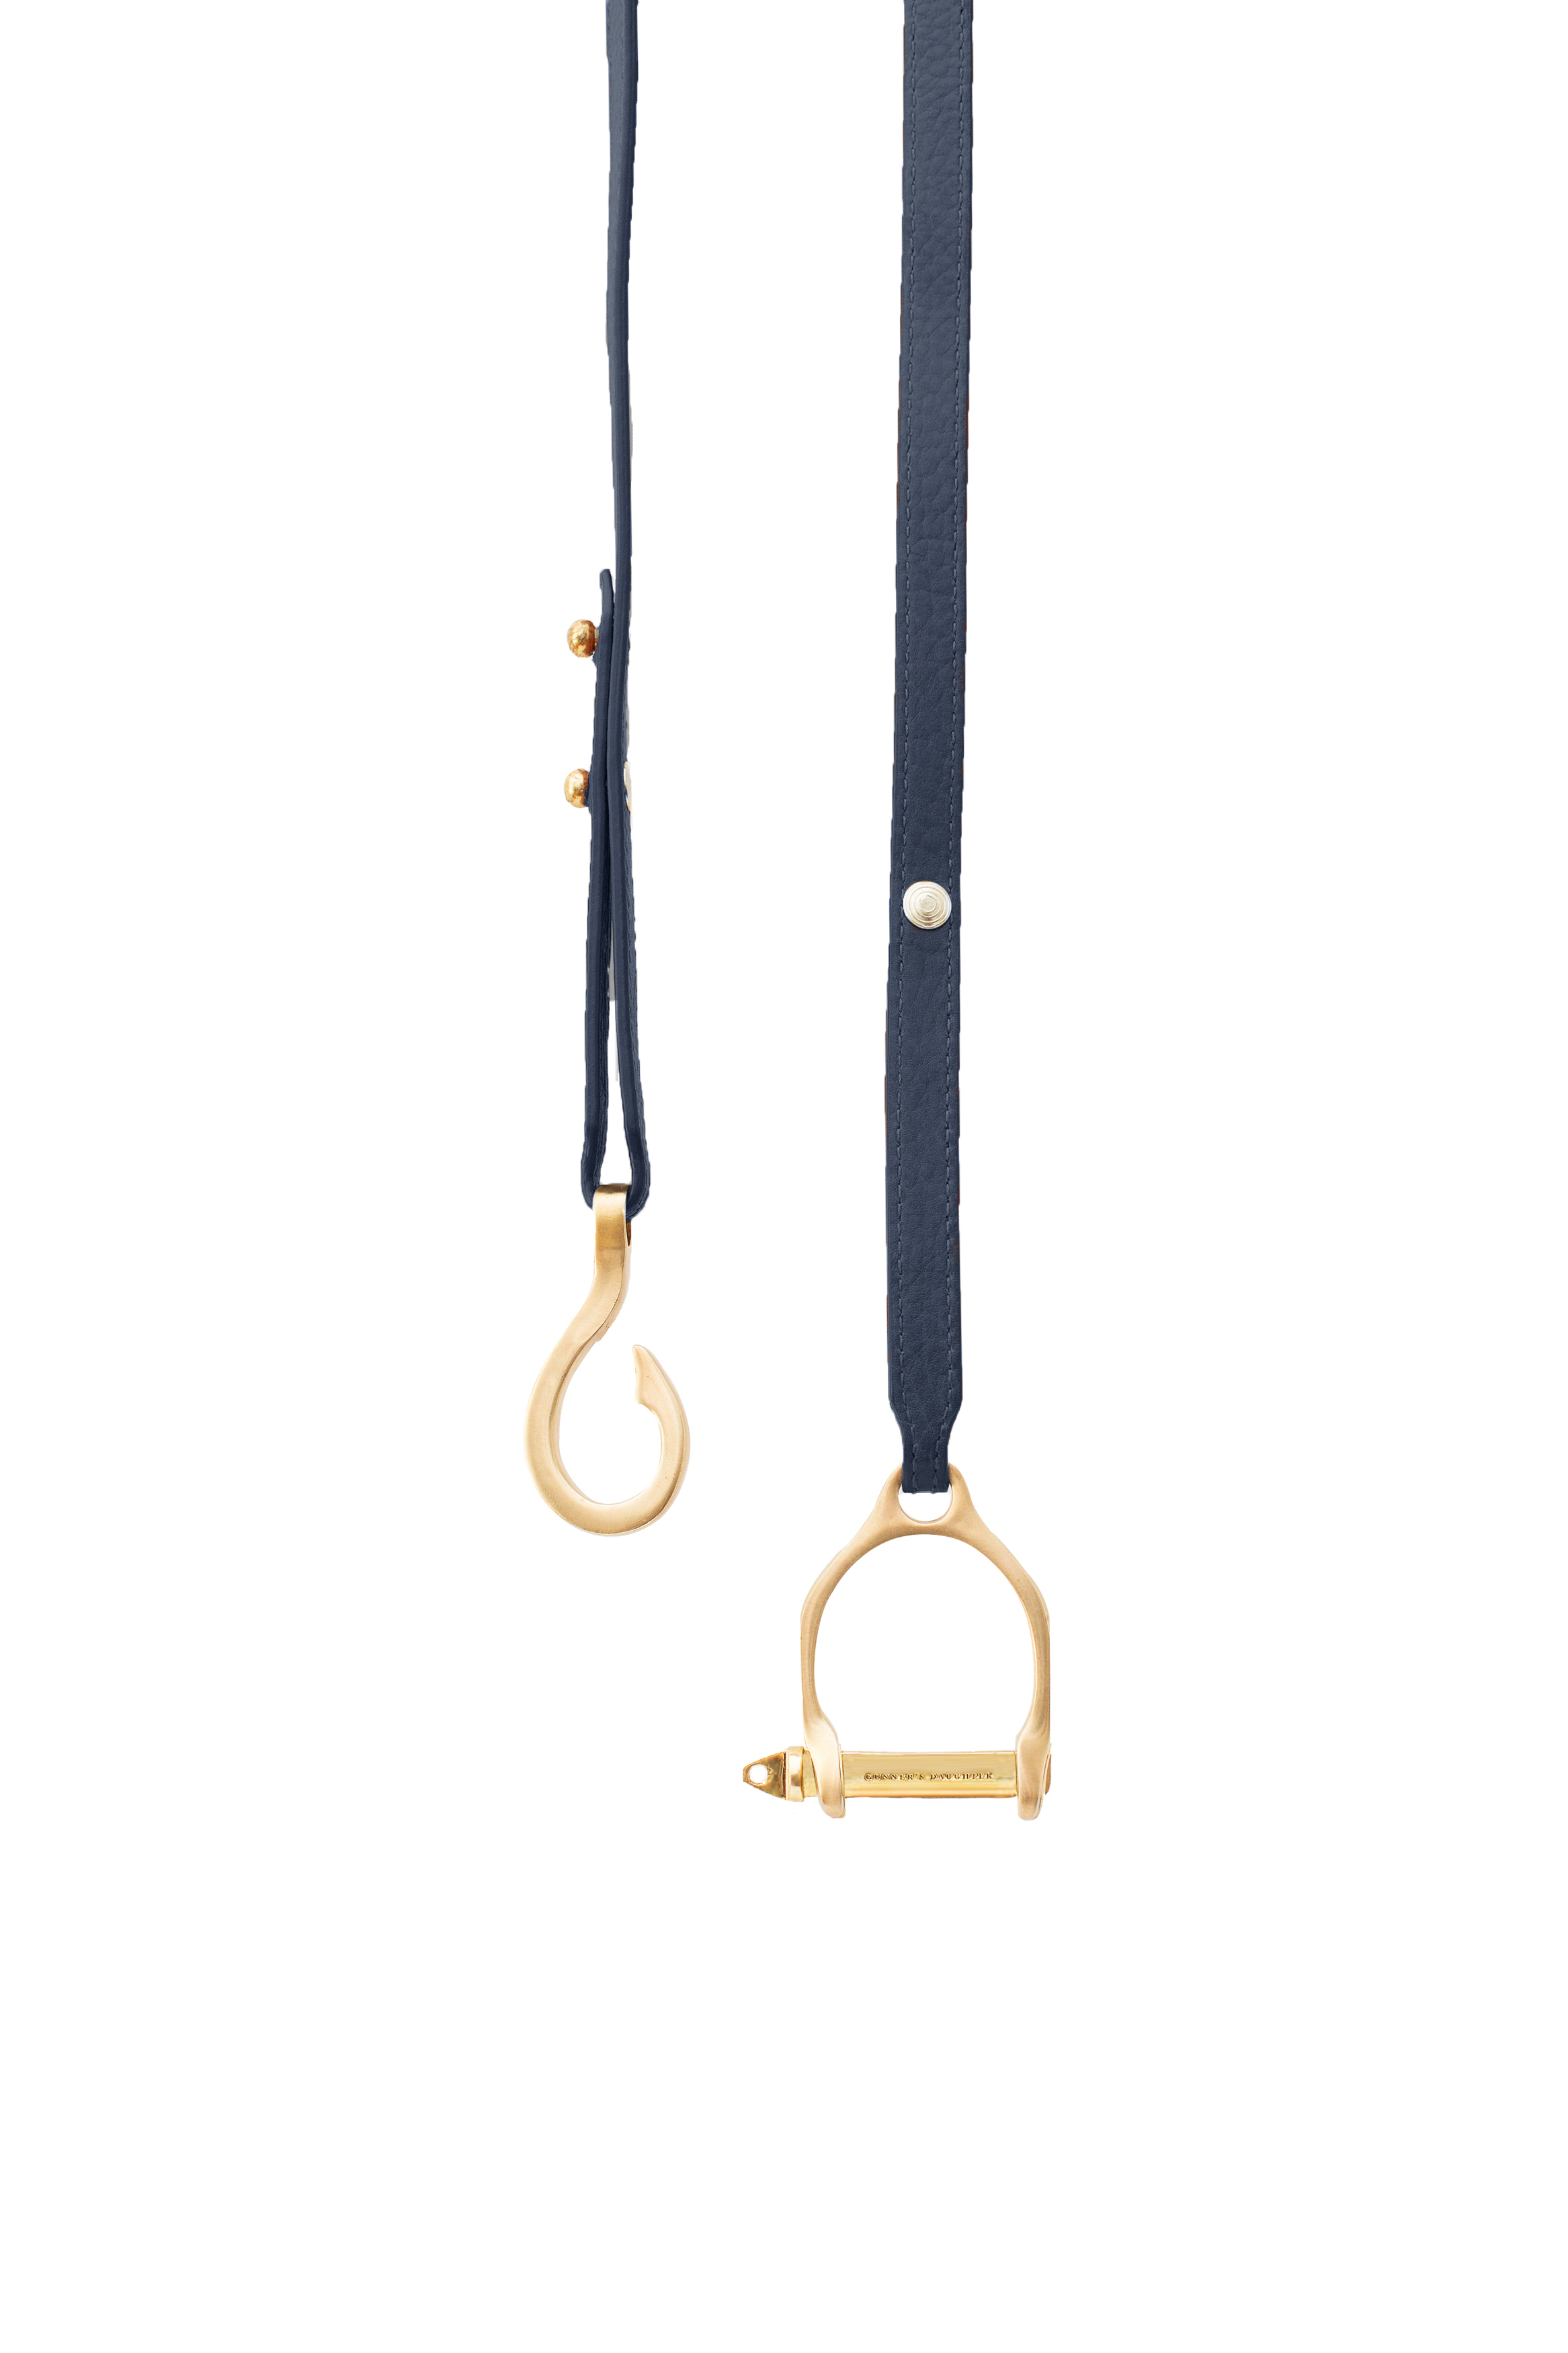 strap darker atlantic leather.jpg